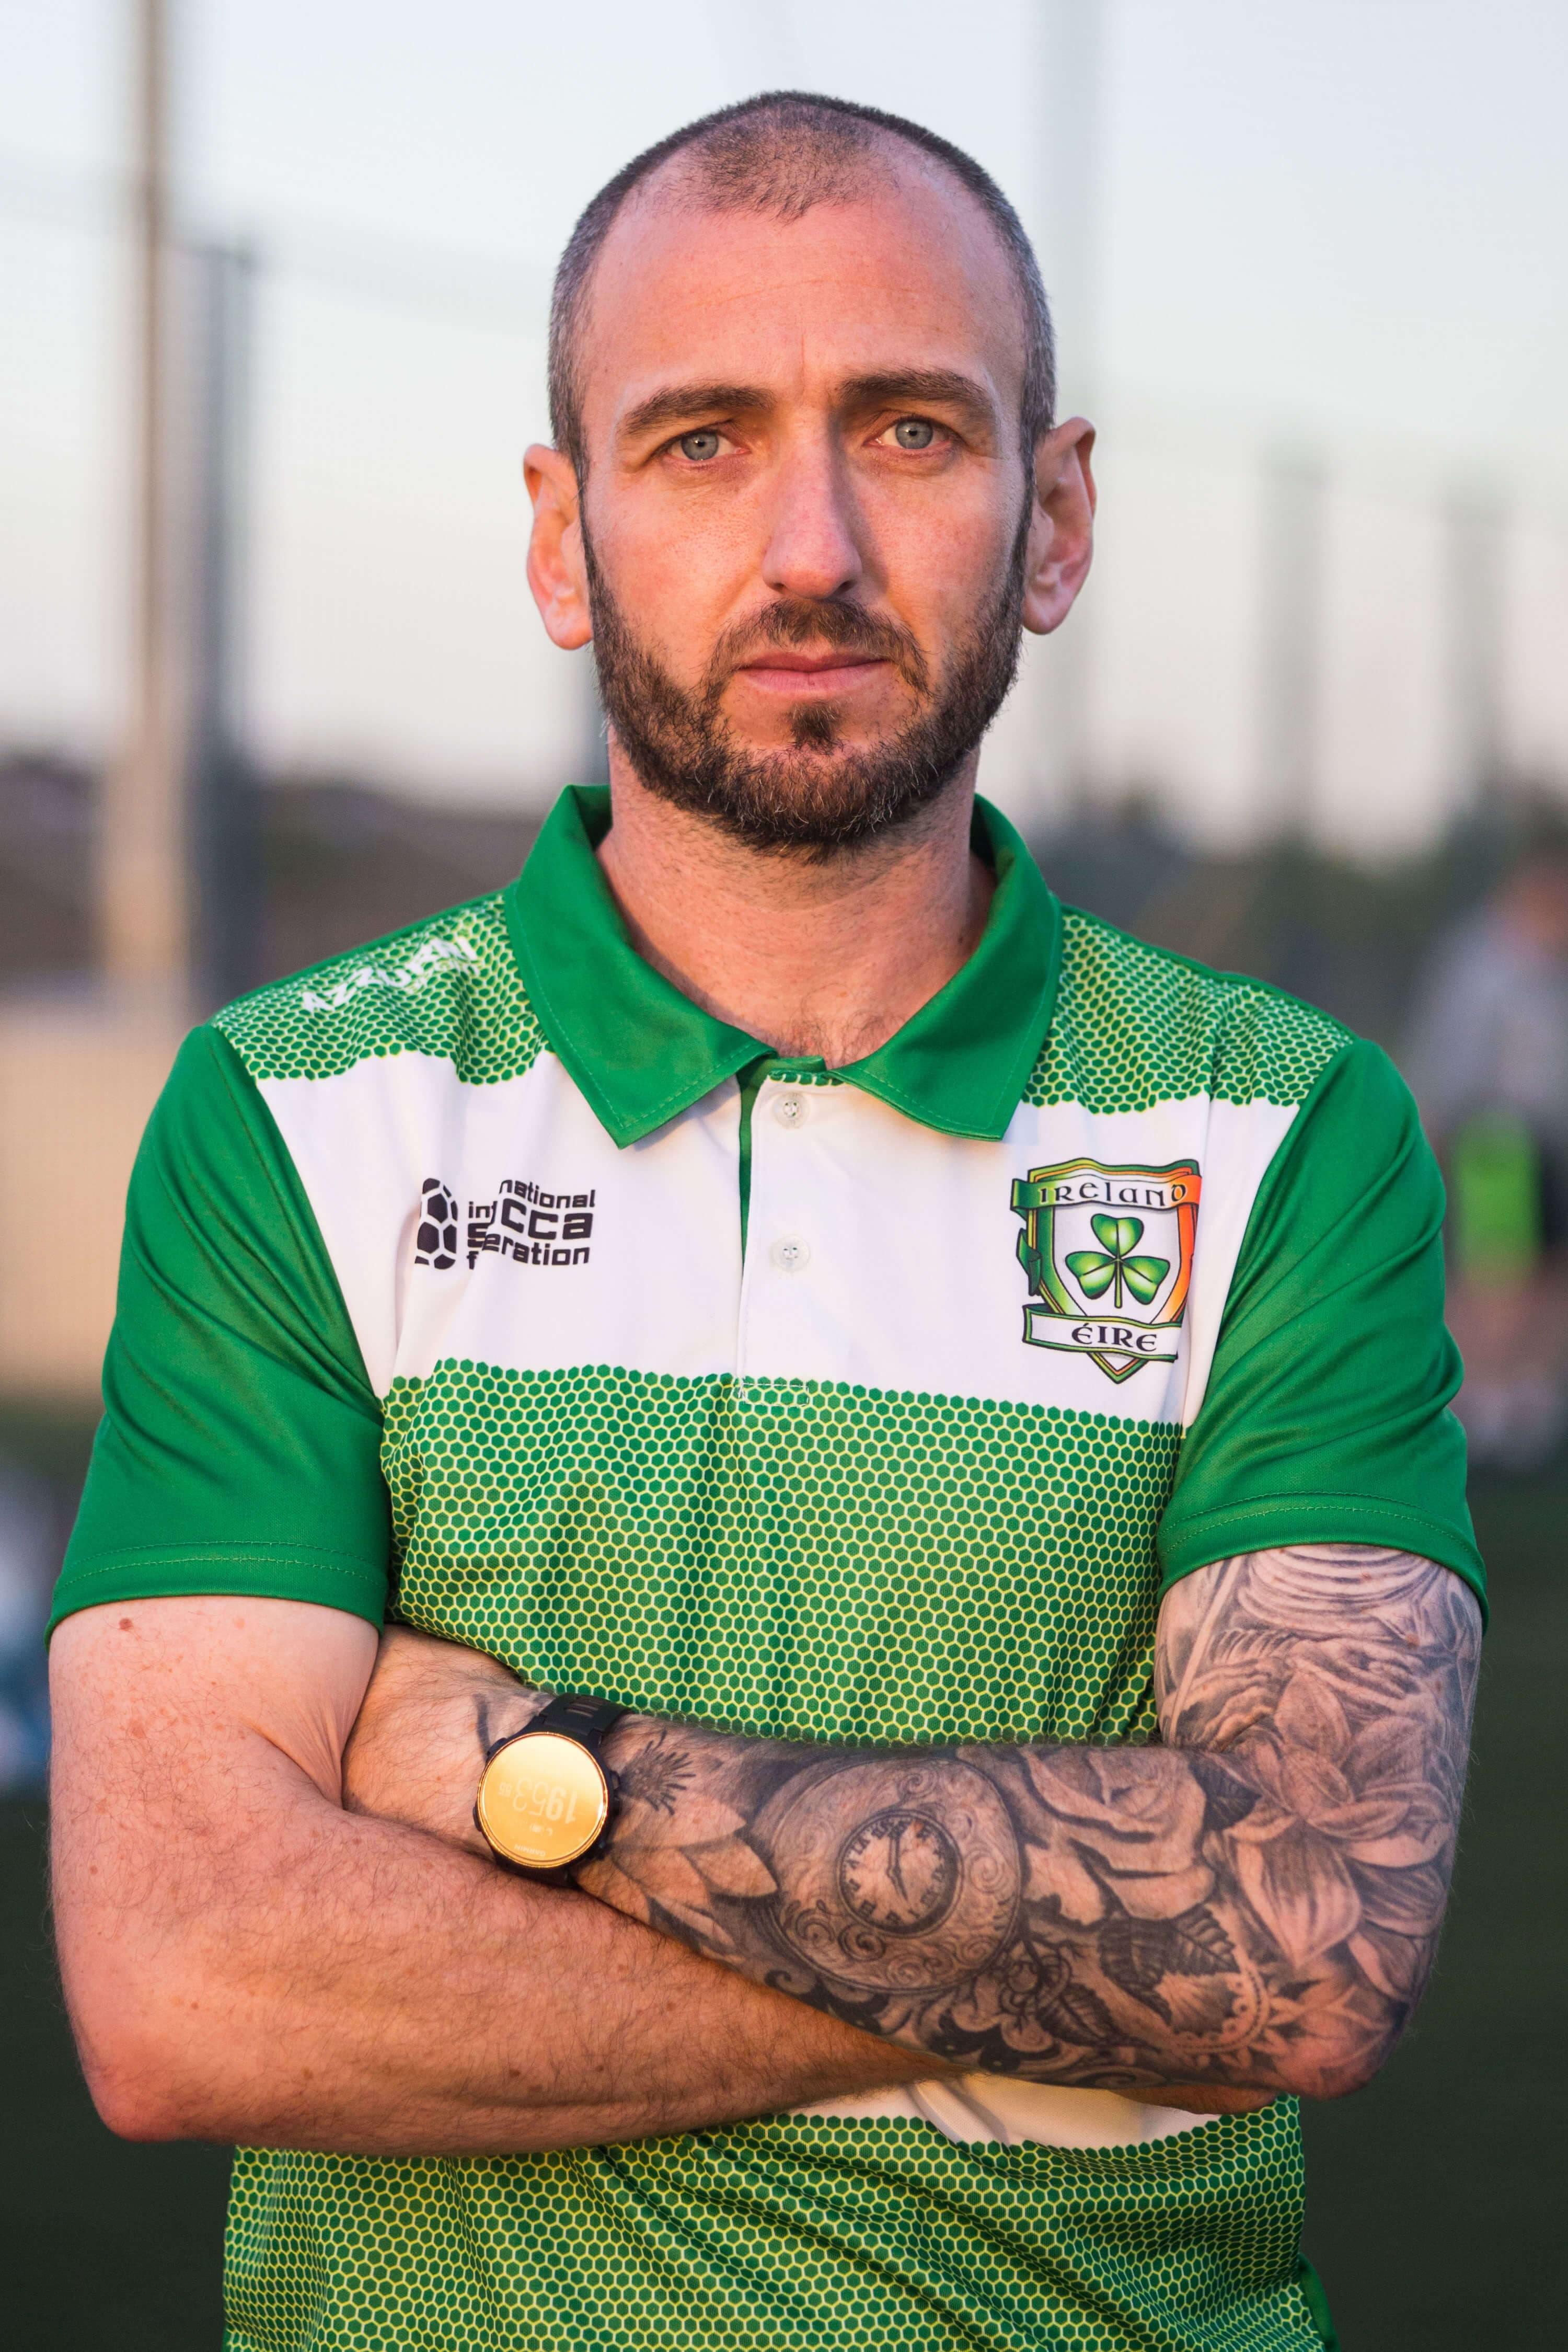 Greg Corrigan